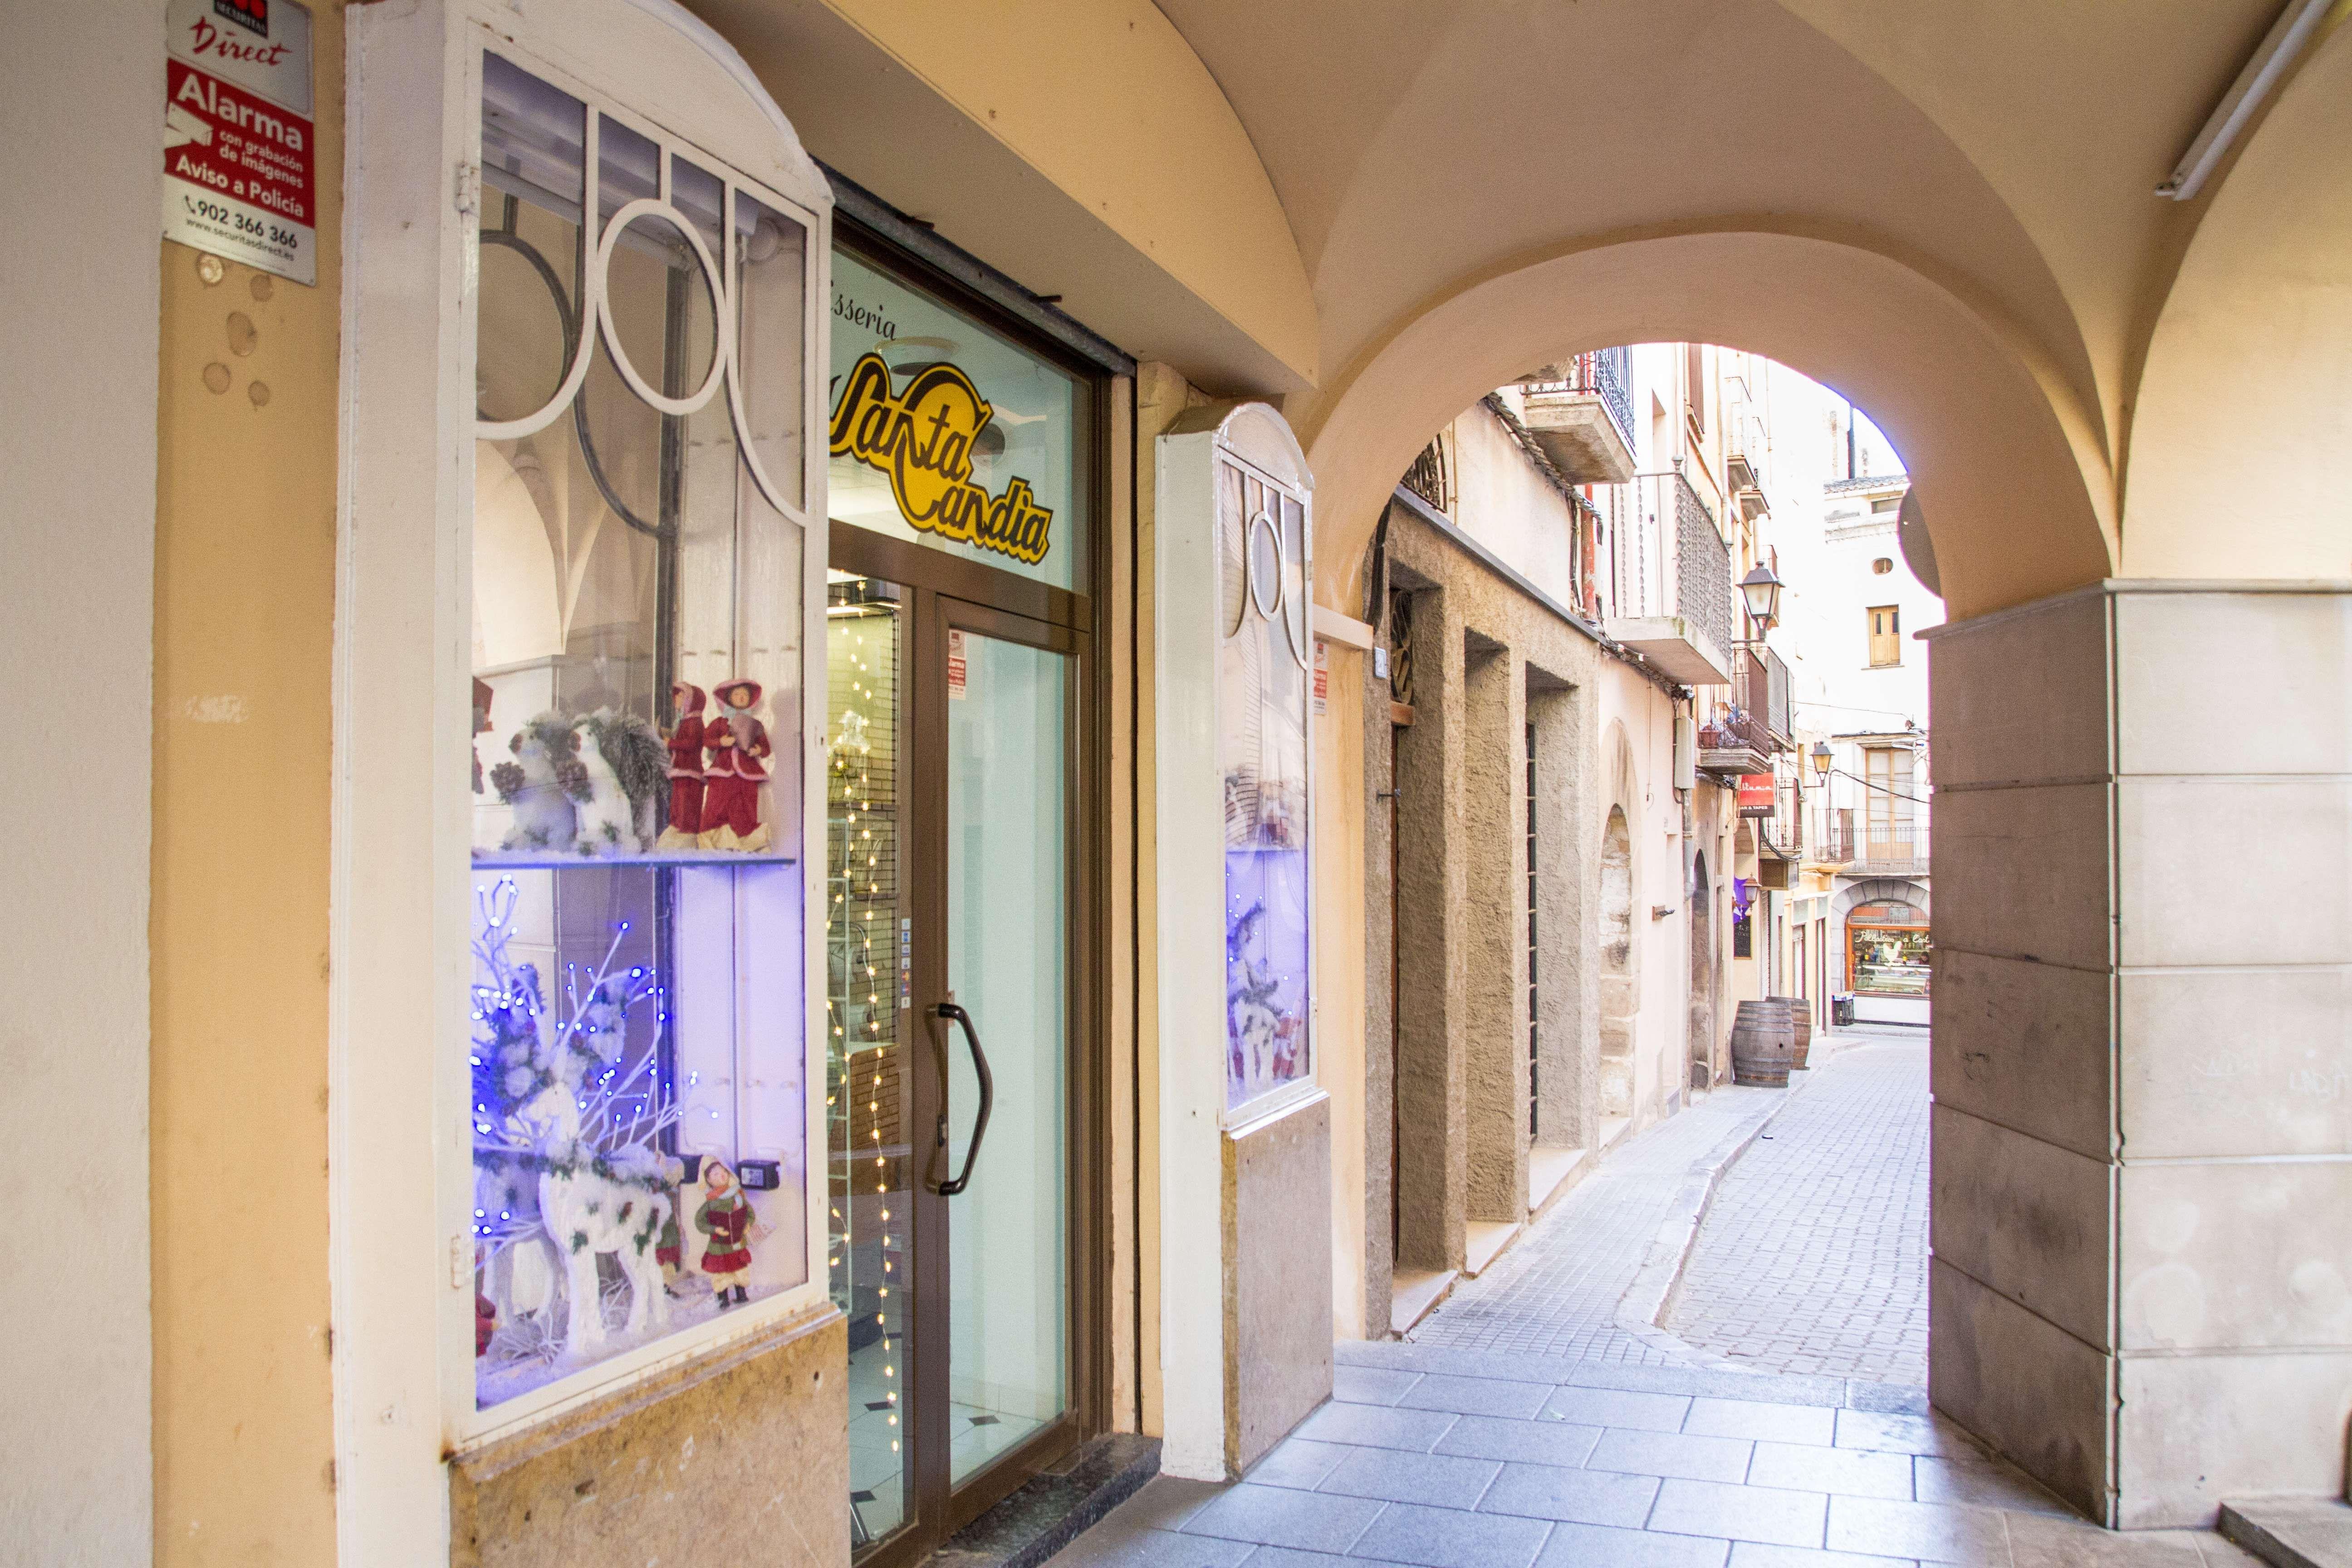 Dulces artesanales en Tarragona